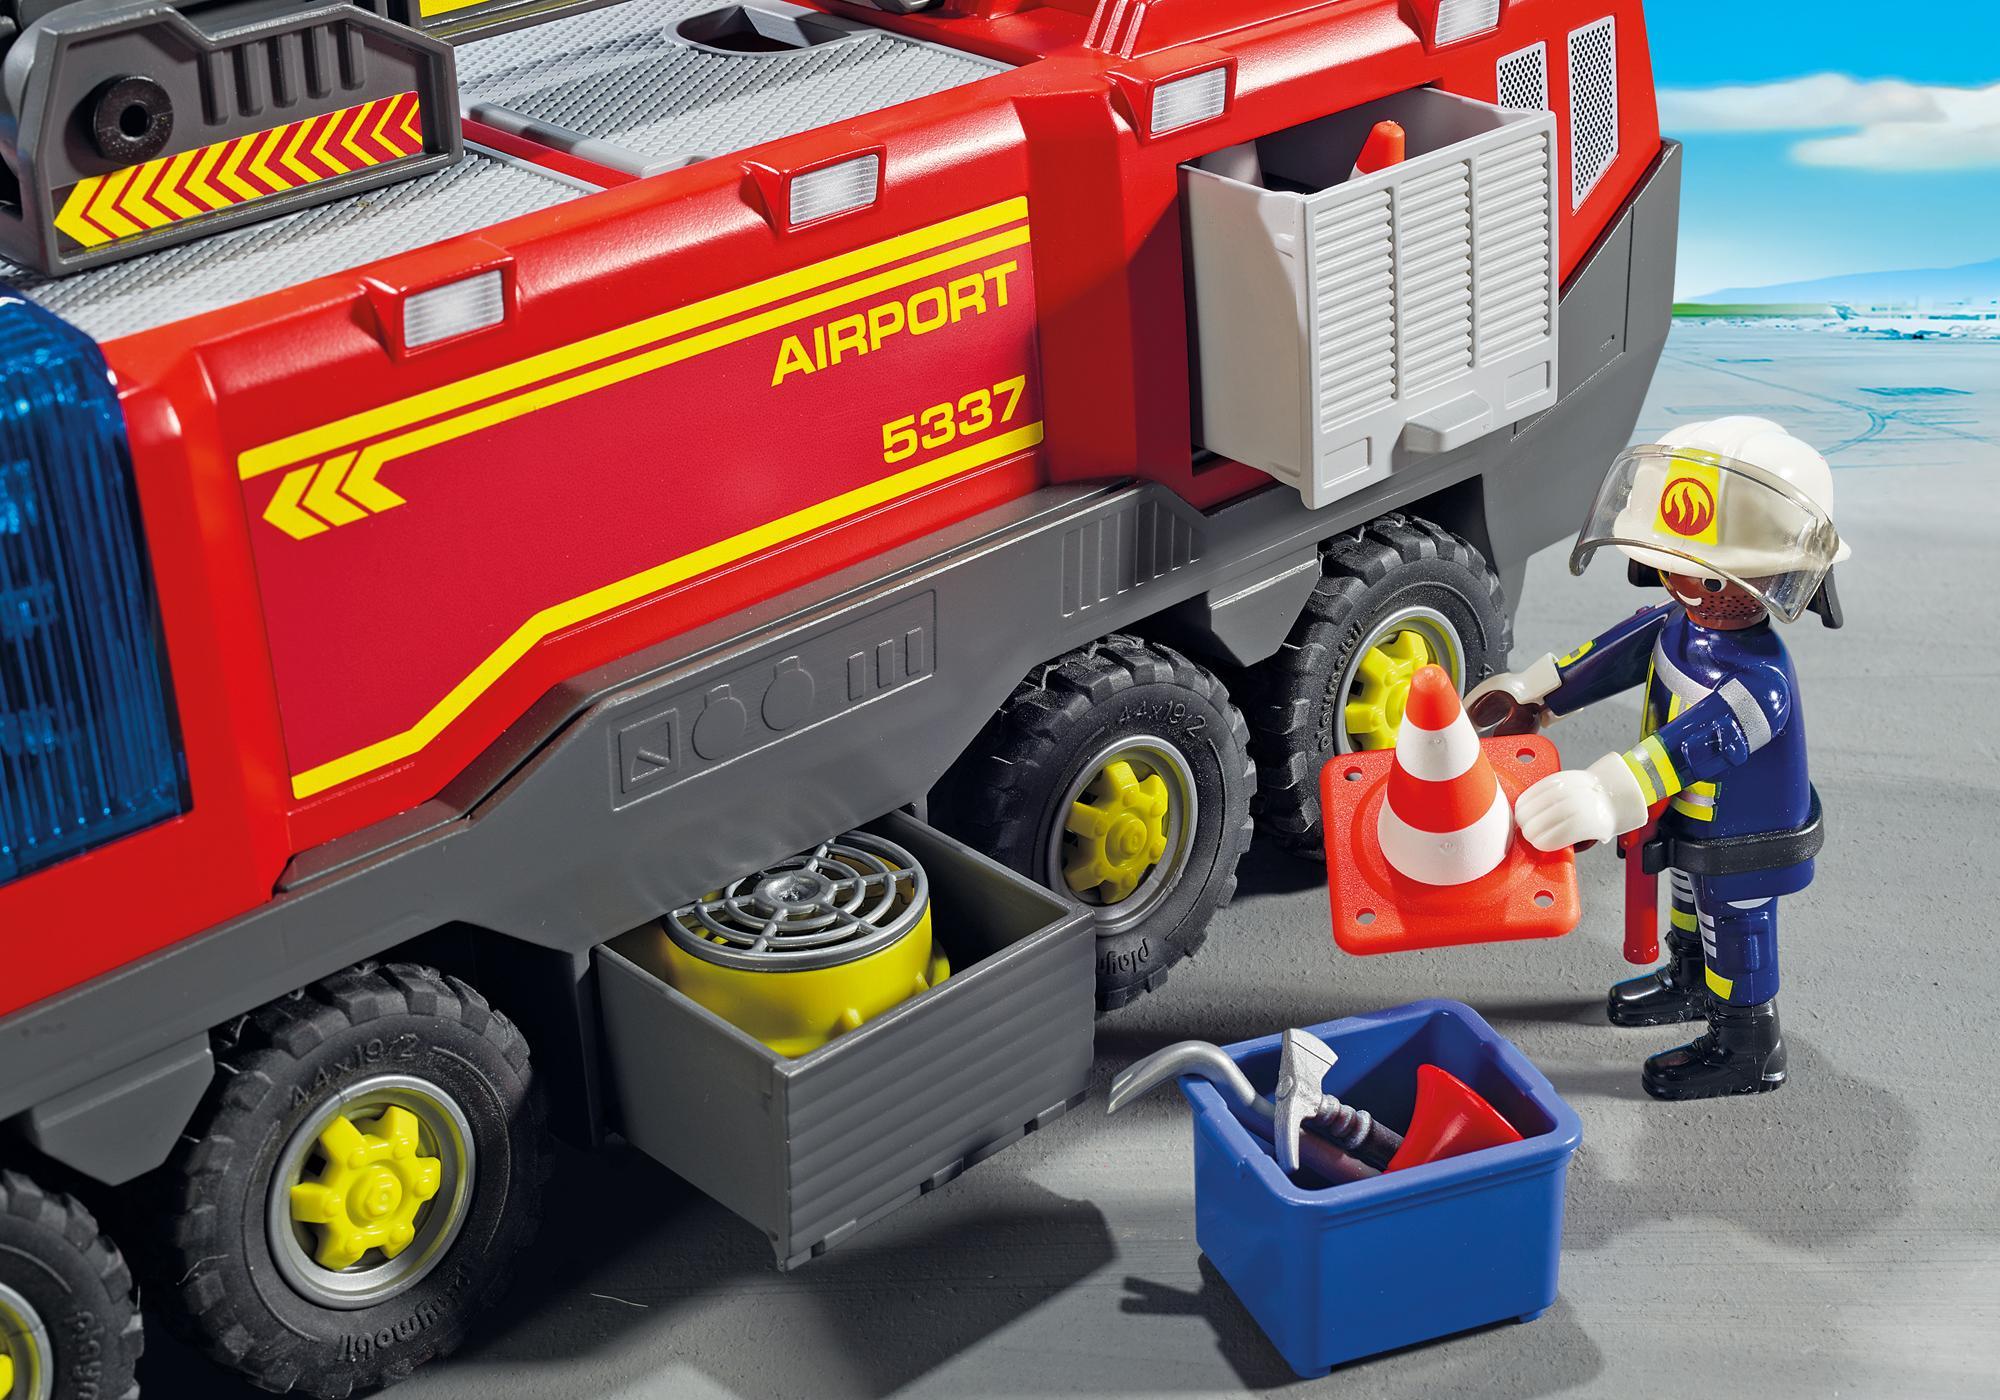 http://media.playmobil.com/i/playmobil/5337_product_extra3/Lufthavnsbrandbil med lys og lyd